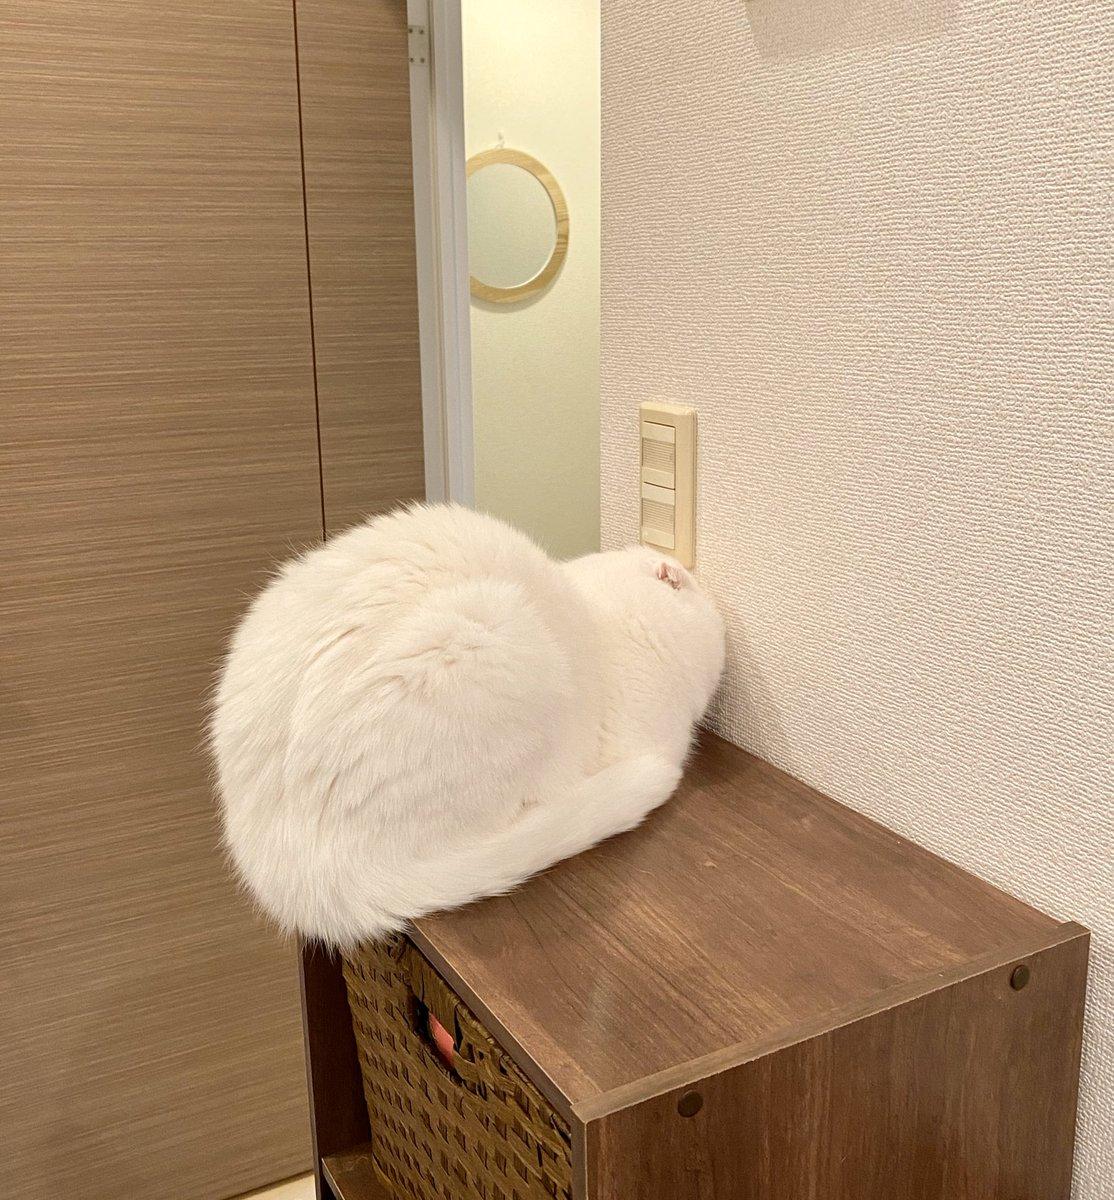 壁にめり込んだまま寝てる…#大癖猫